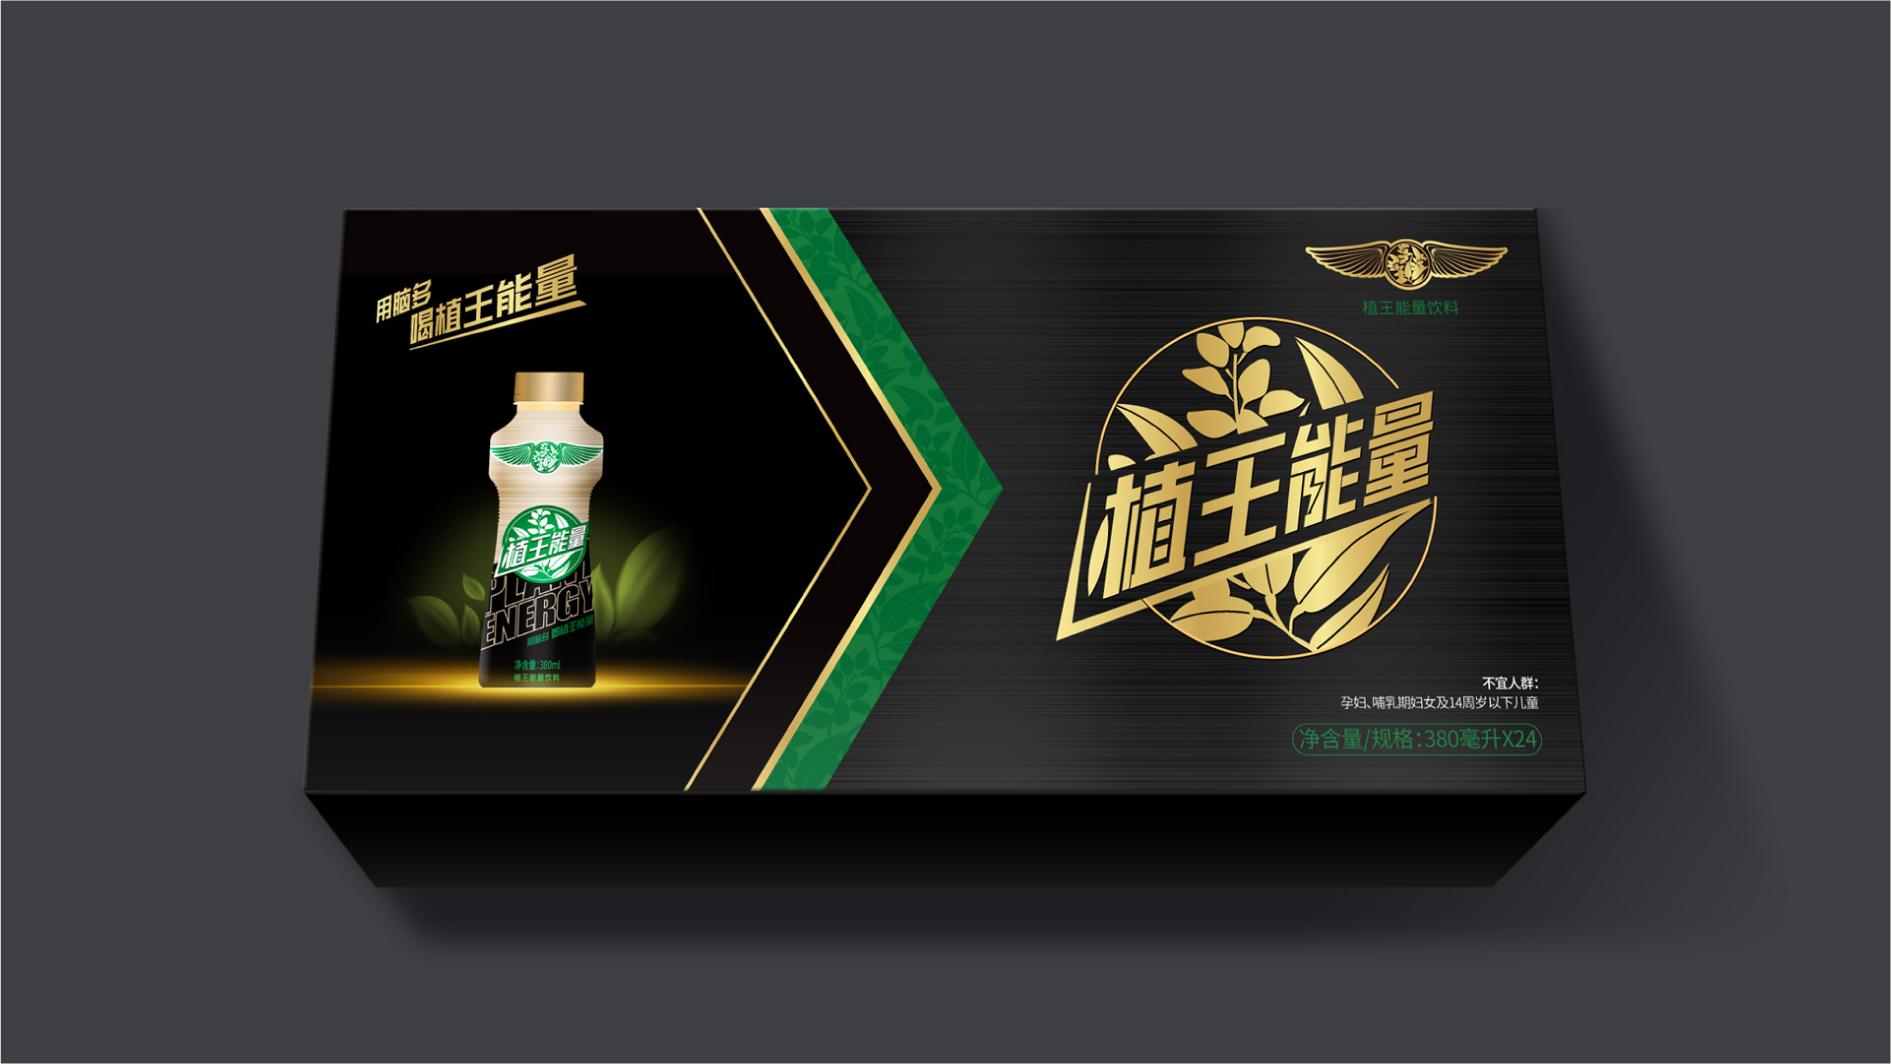 涡能特饮植物功能饮料包装万博手机官网